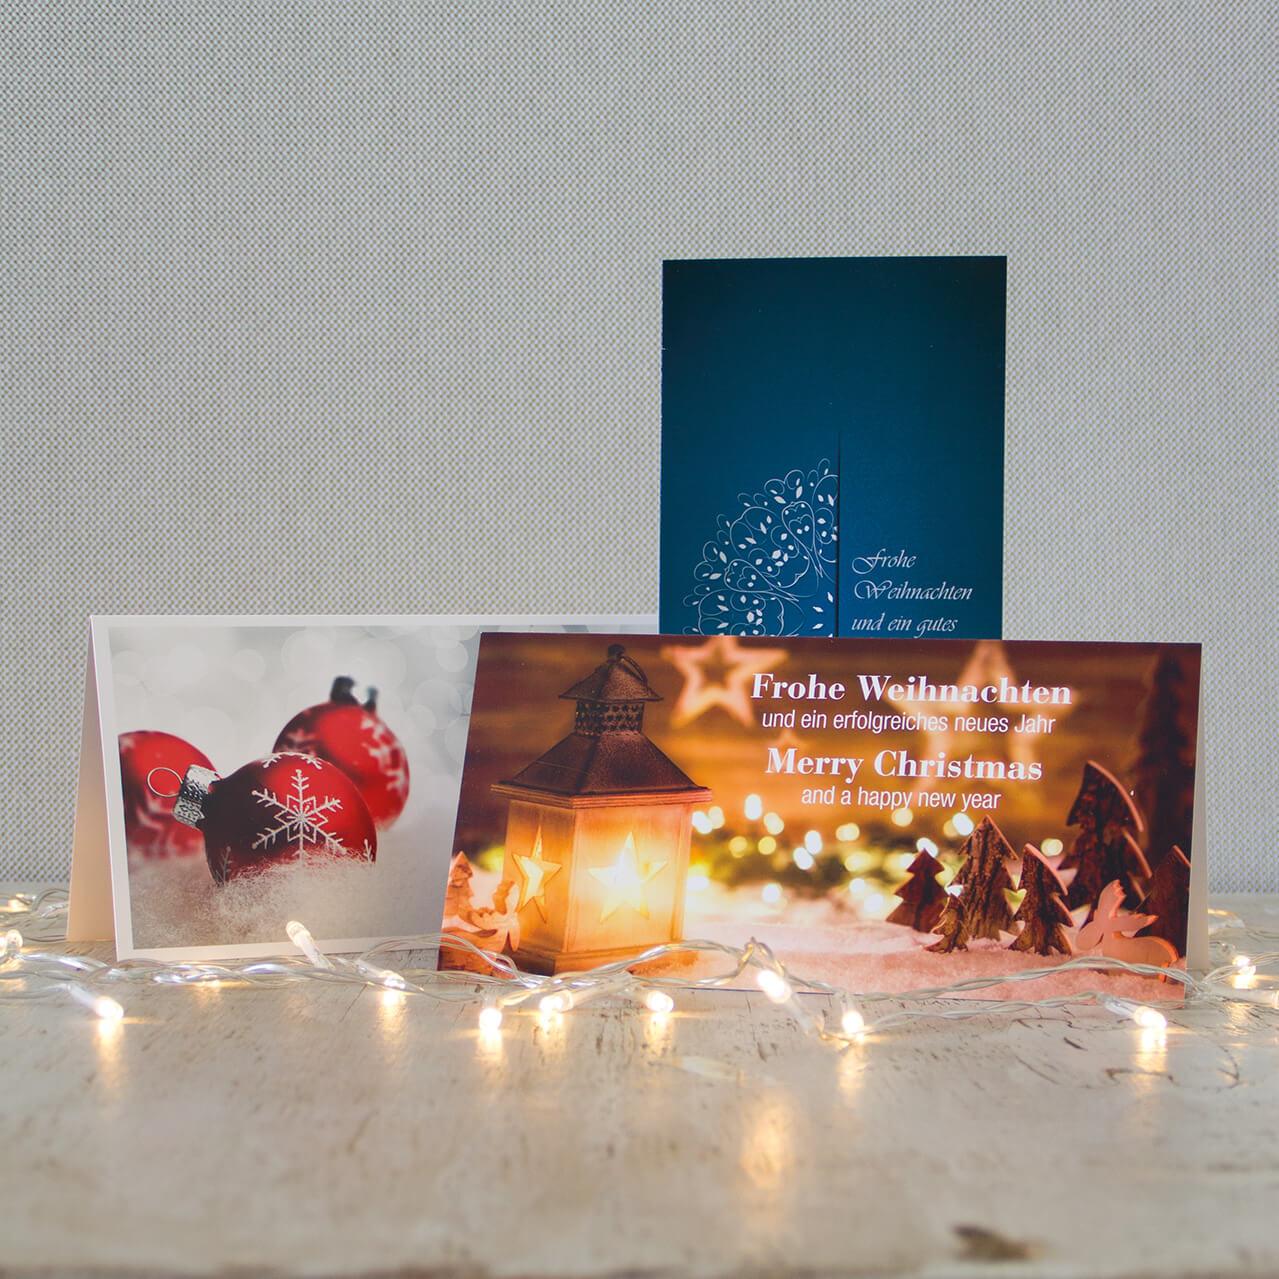 Firmen Weihnachtskarten Selbst Gestalten.Weihnachtskarten Geschäftlich Firmen Weihnachtskarten 2019